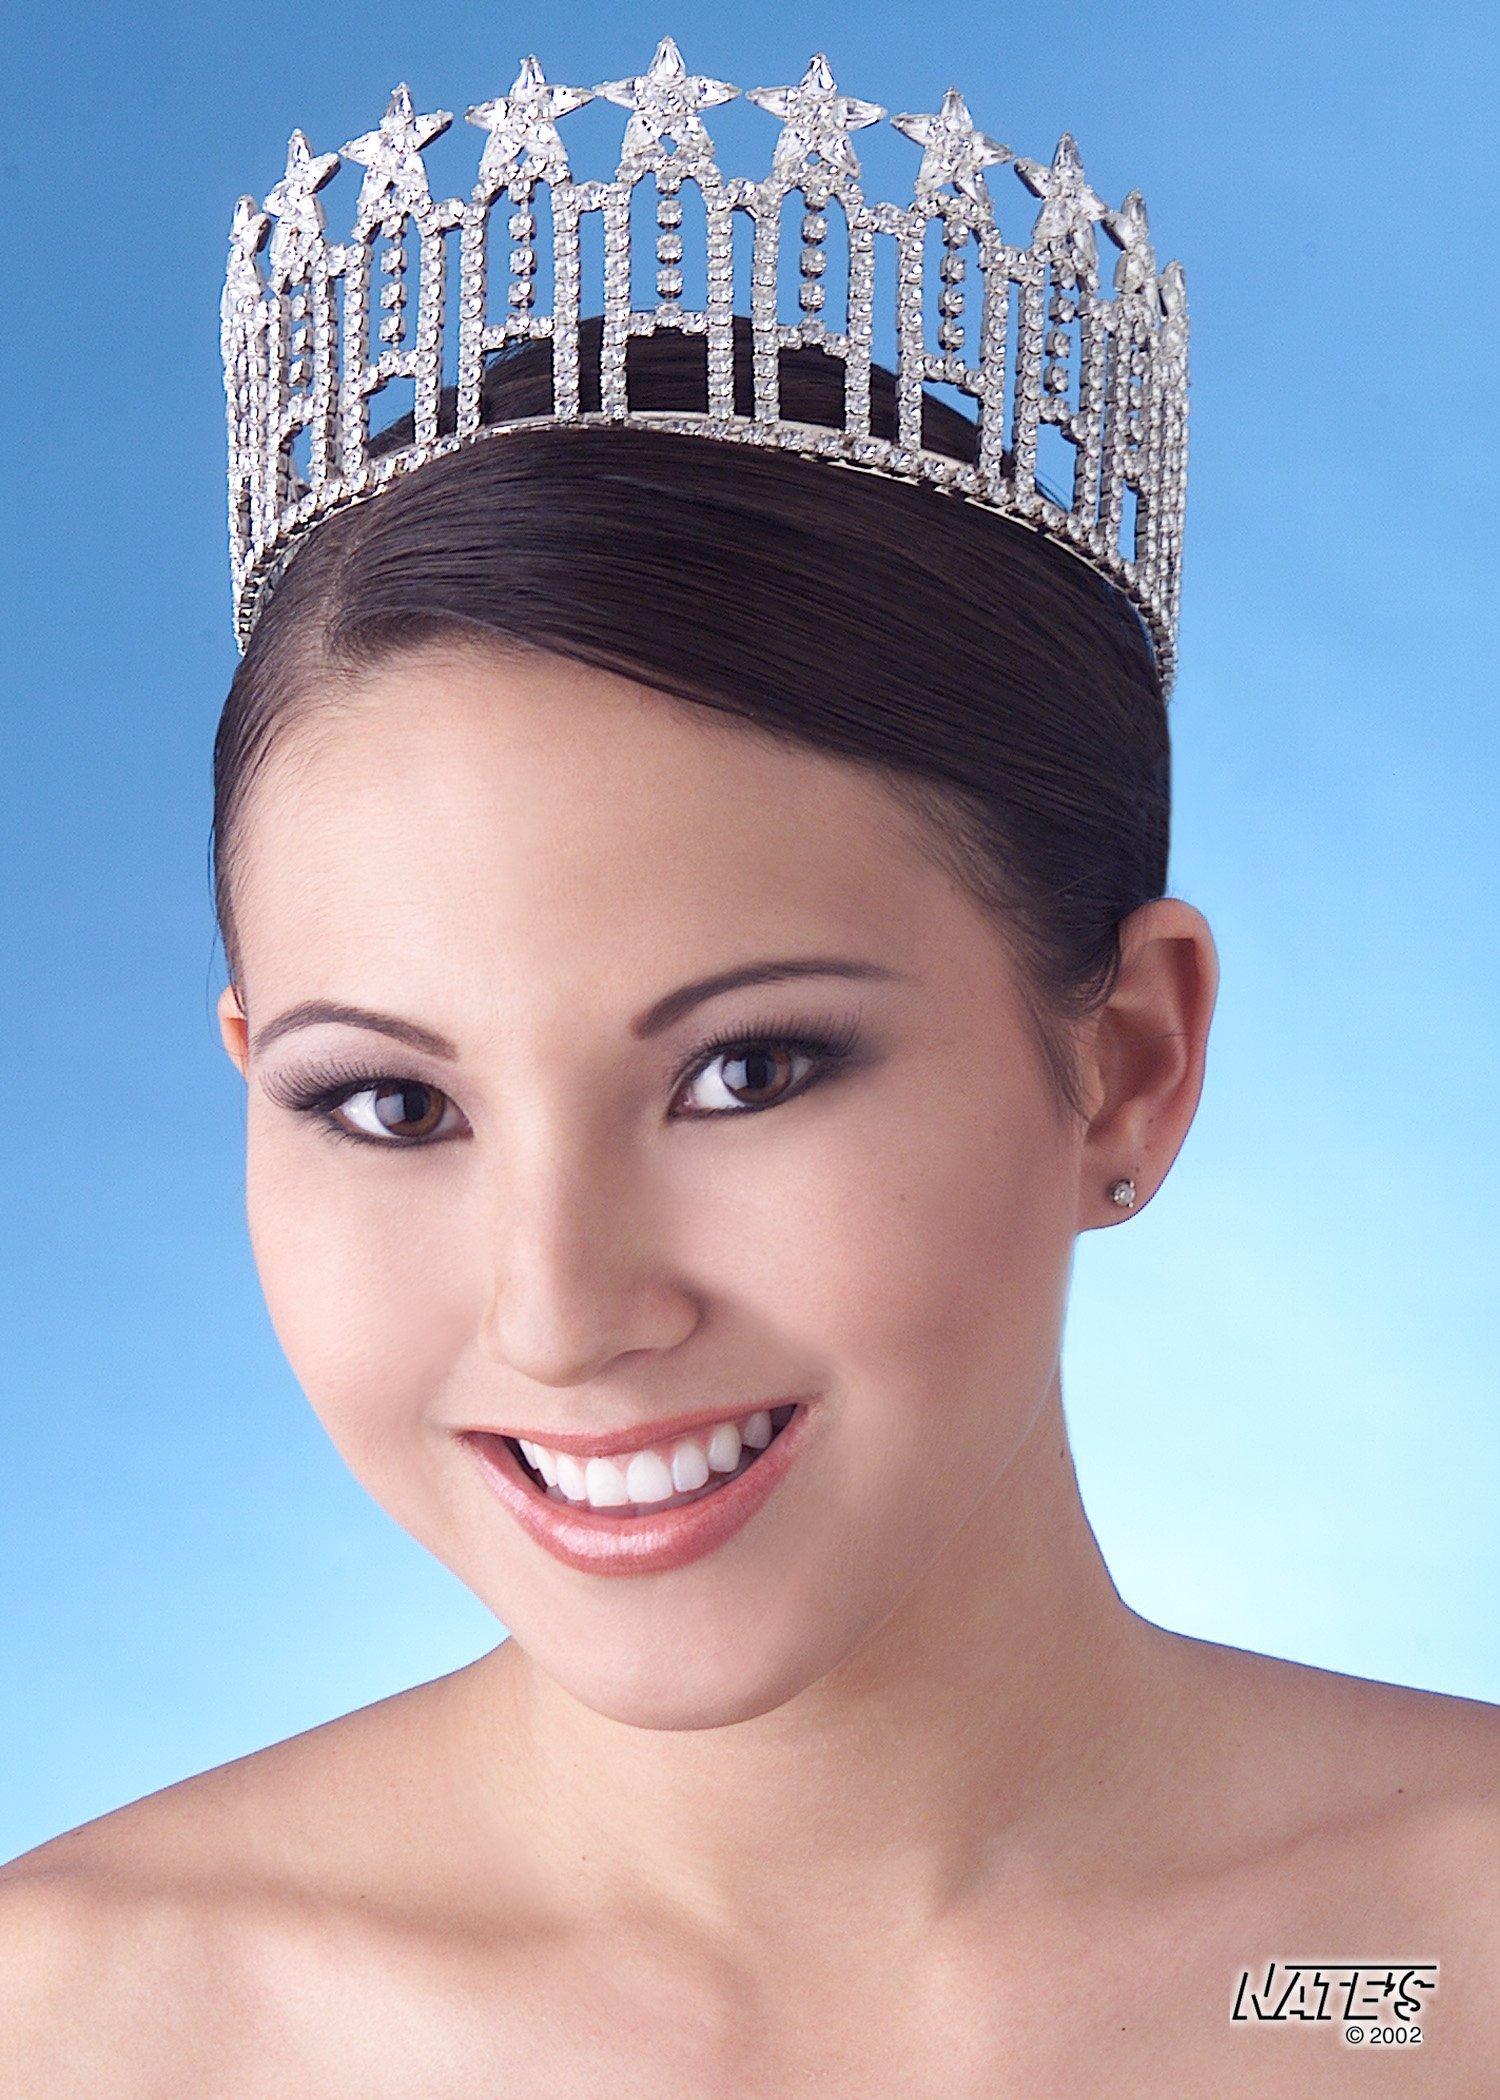 2003 Alicia Michioka (Top 10 at Miss USA)